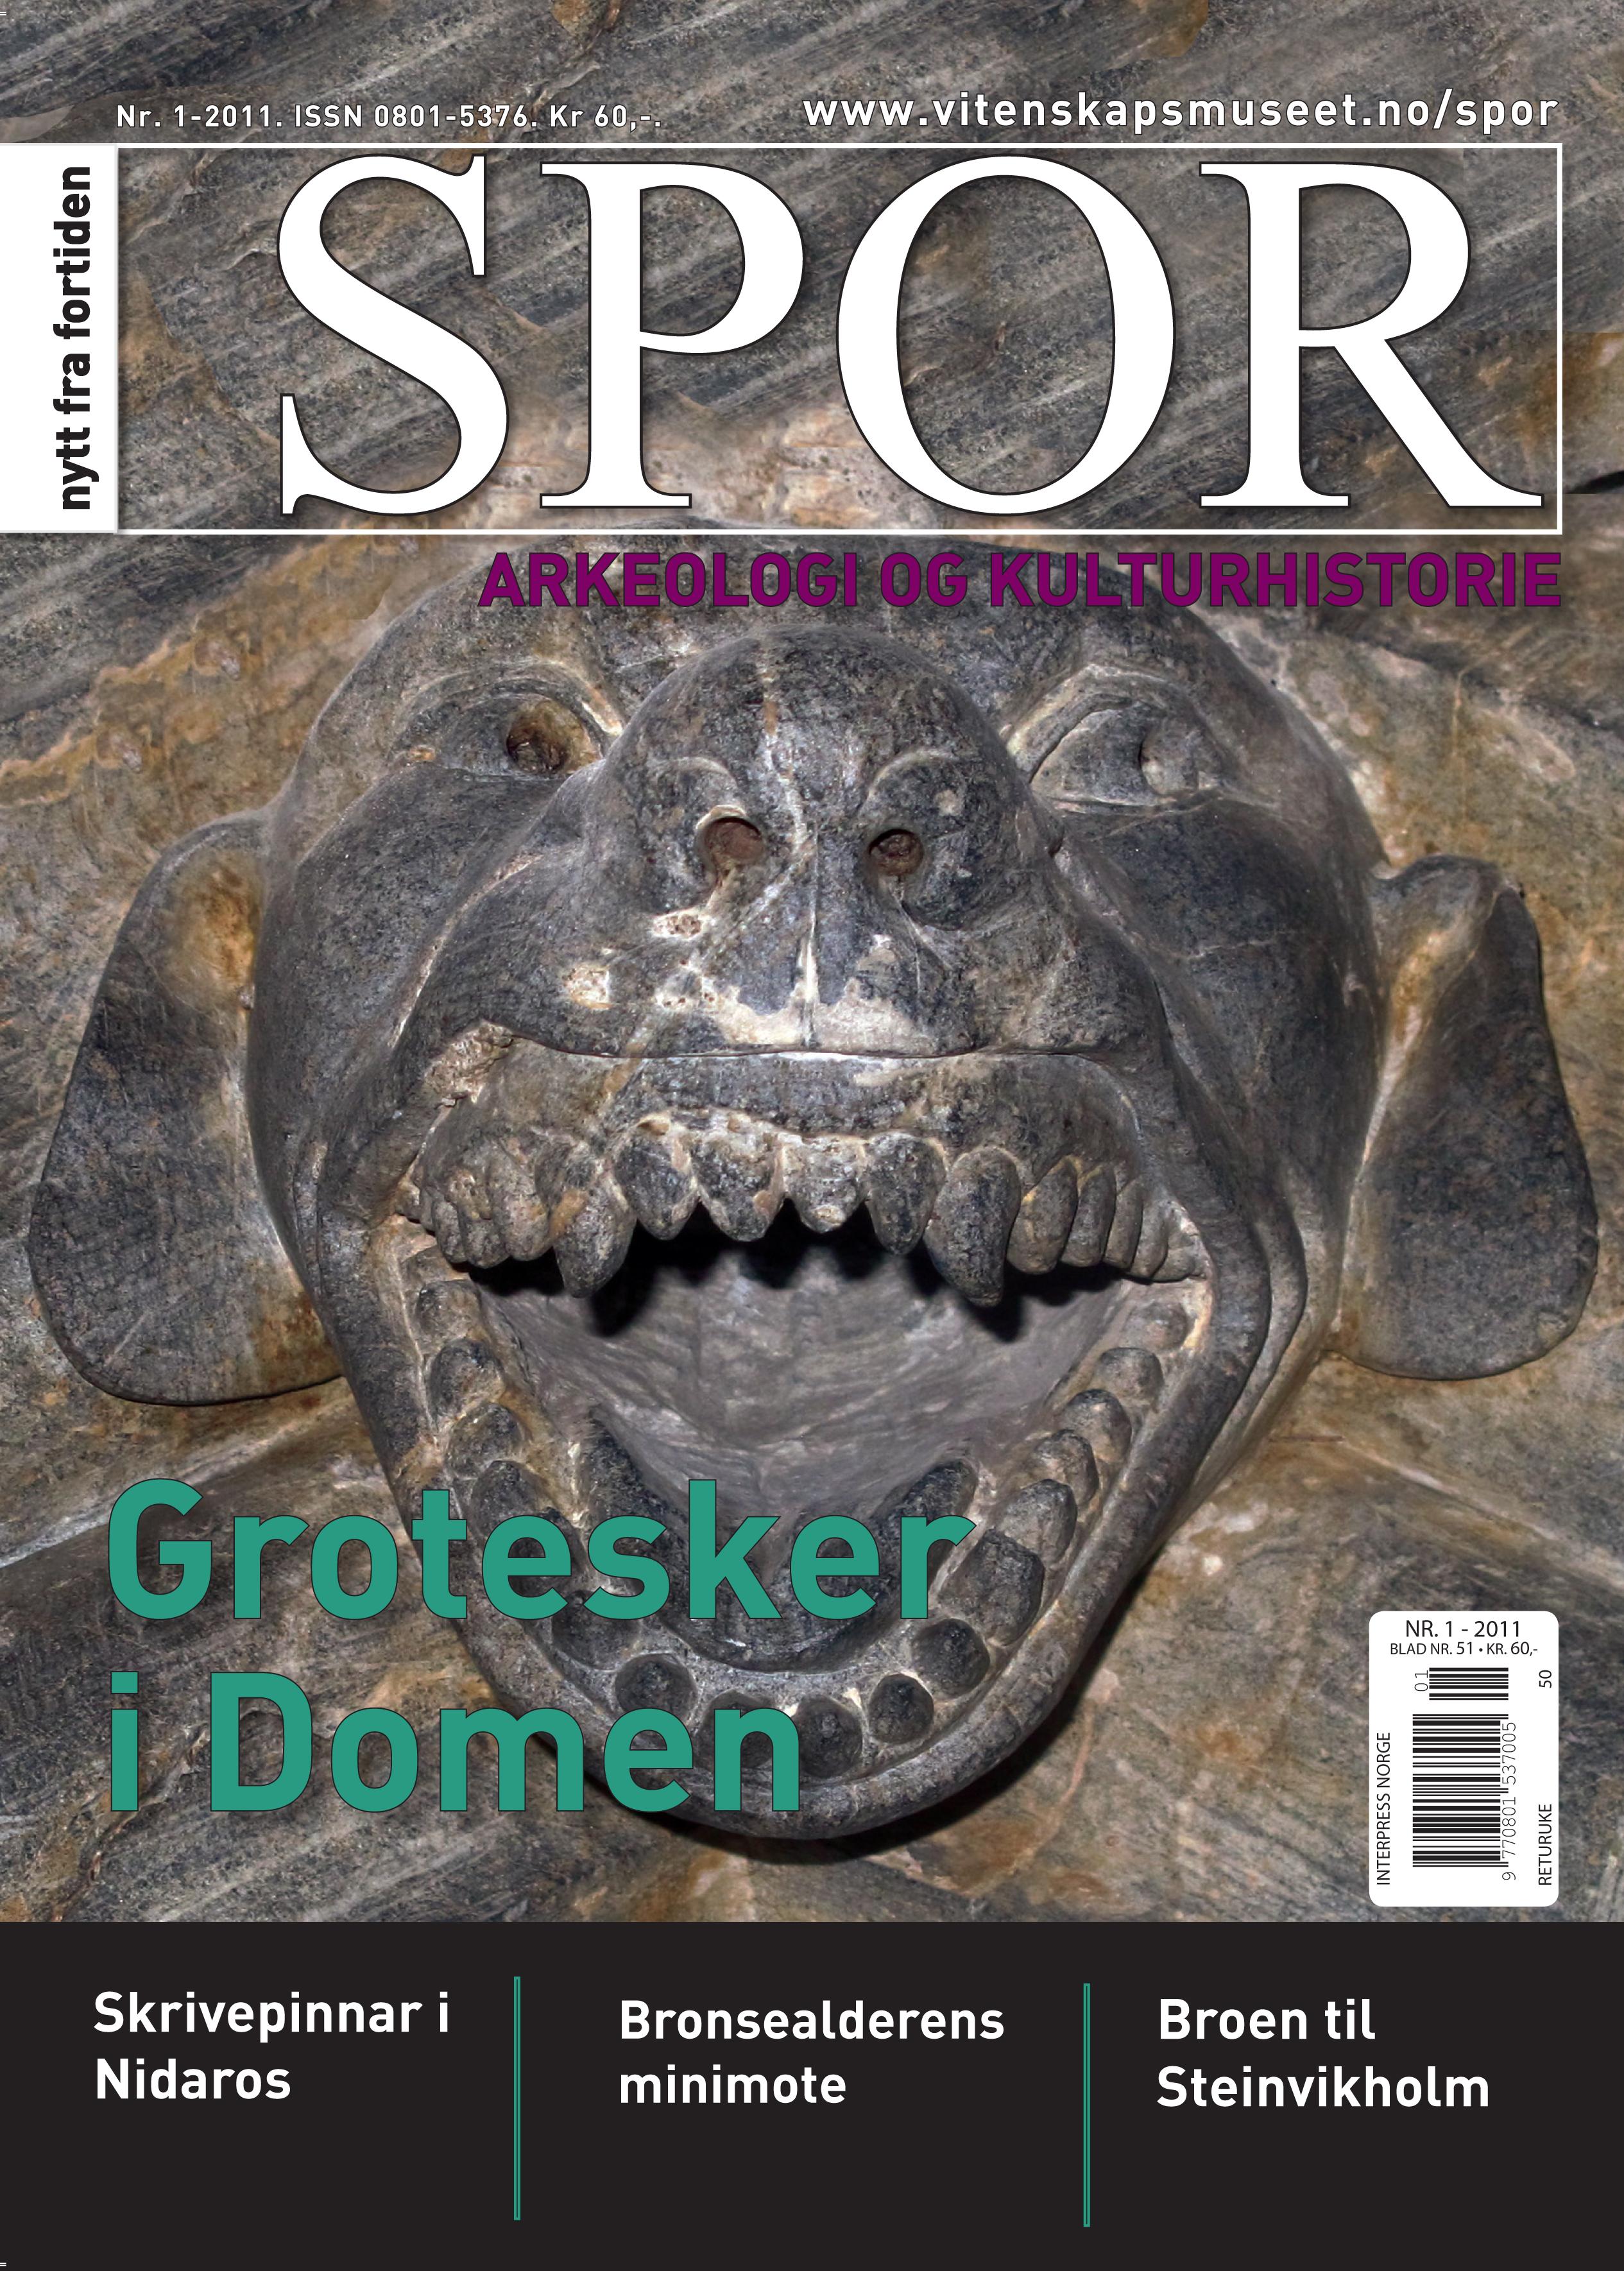 Forside Spor nr 1-2011